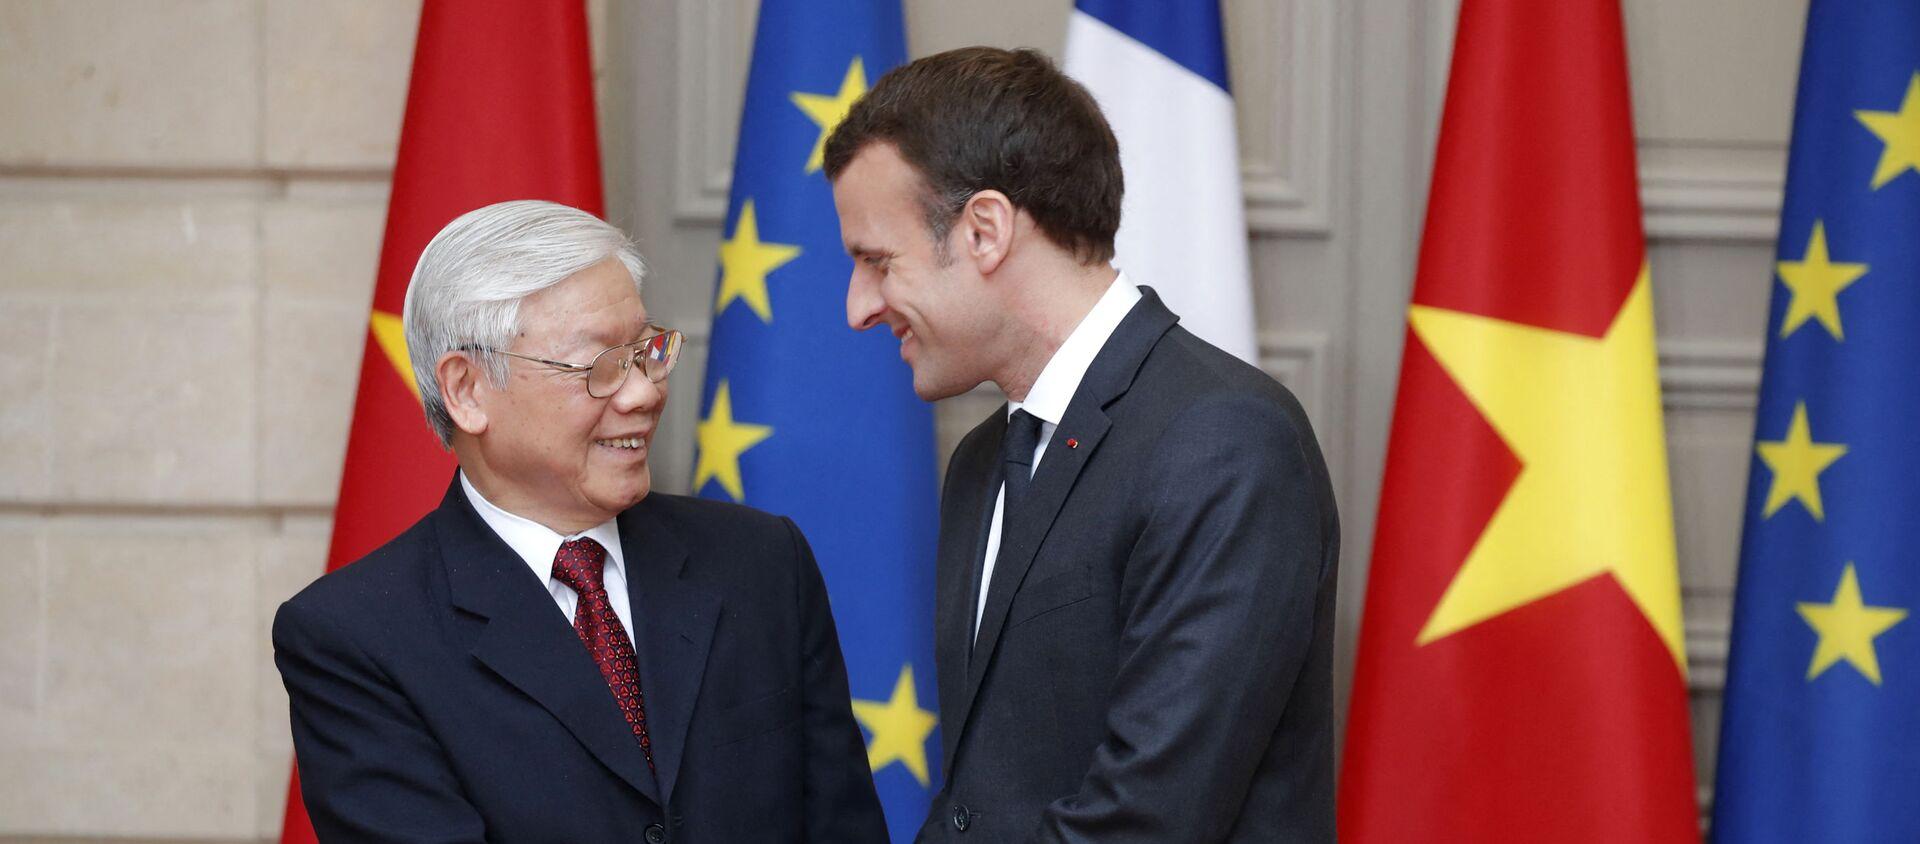 Tổng bí thư Nguyễn Phú Trọng và Emmanuel Macron. - Sputnik Việt Nam, 1920, 12.05.2021